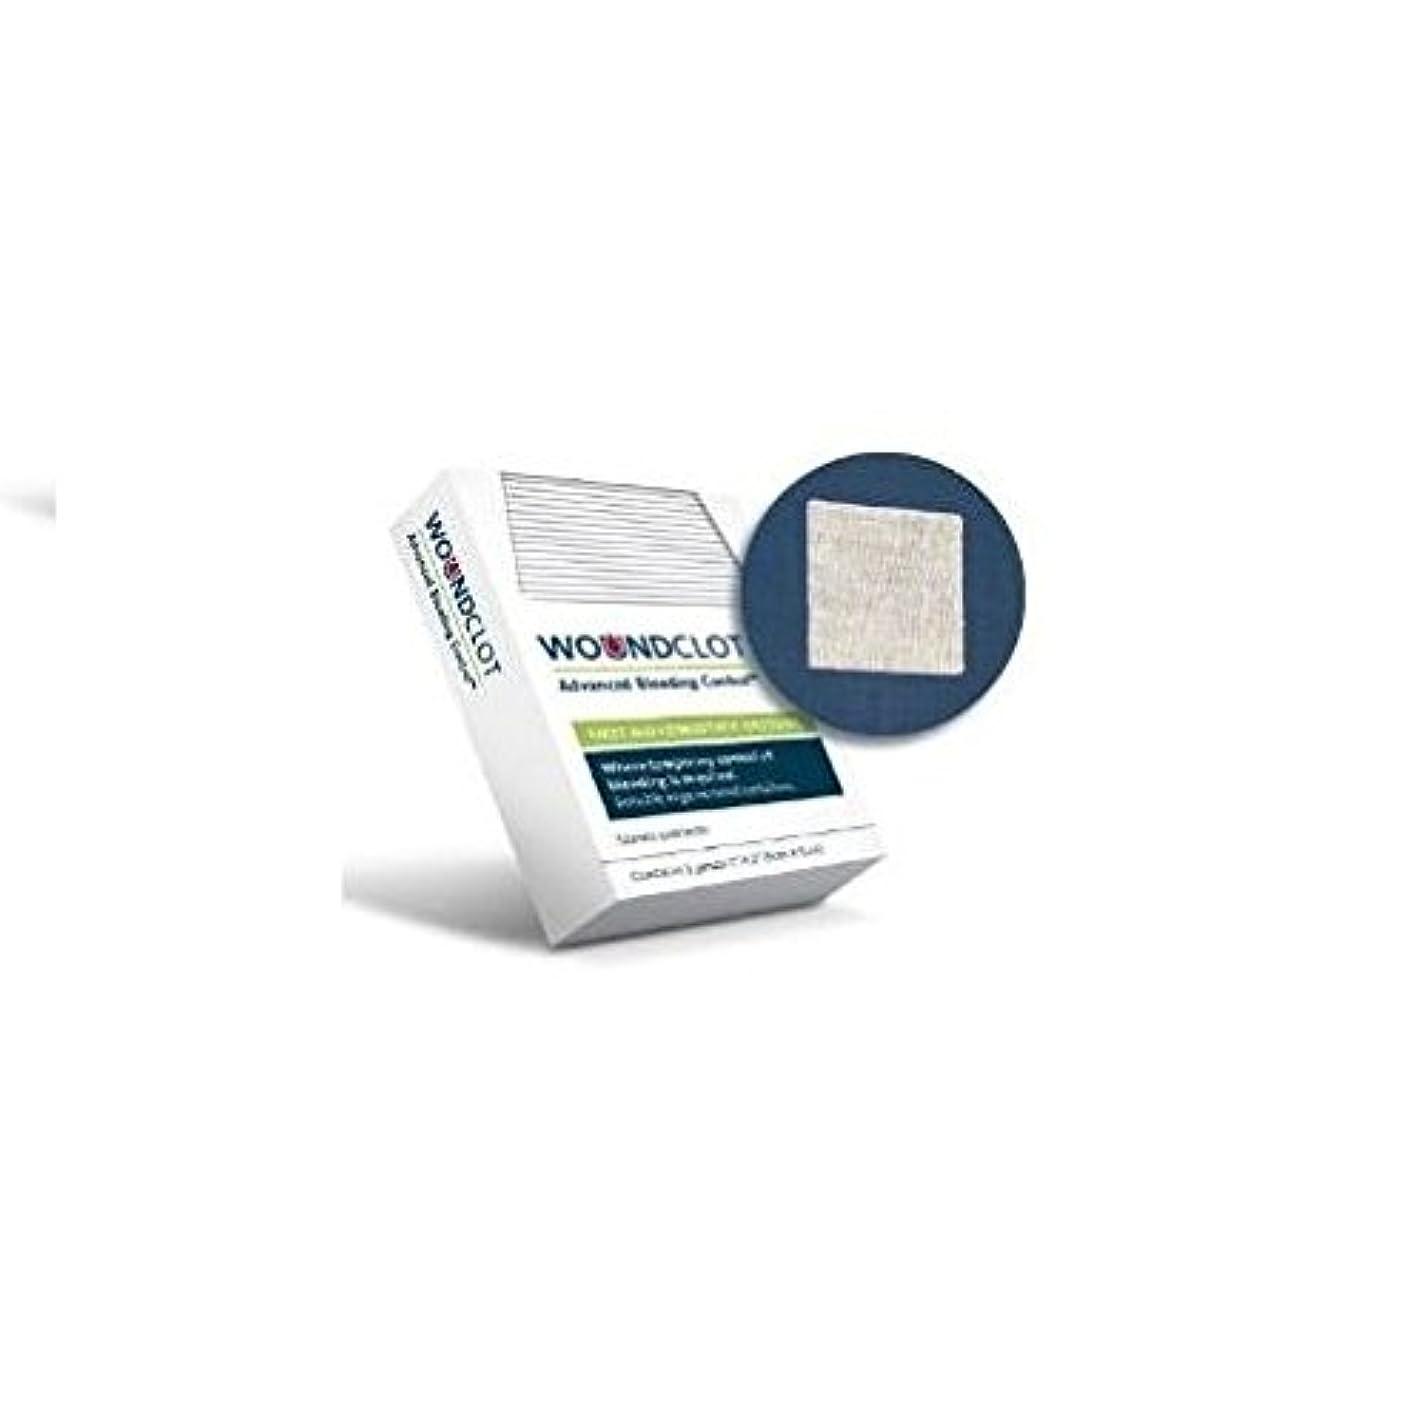 水溶性止血ガーゼ – 上級出血コントロール (5cmX10cm)